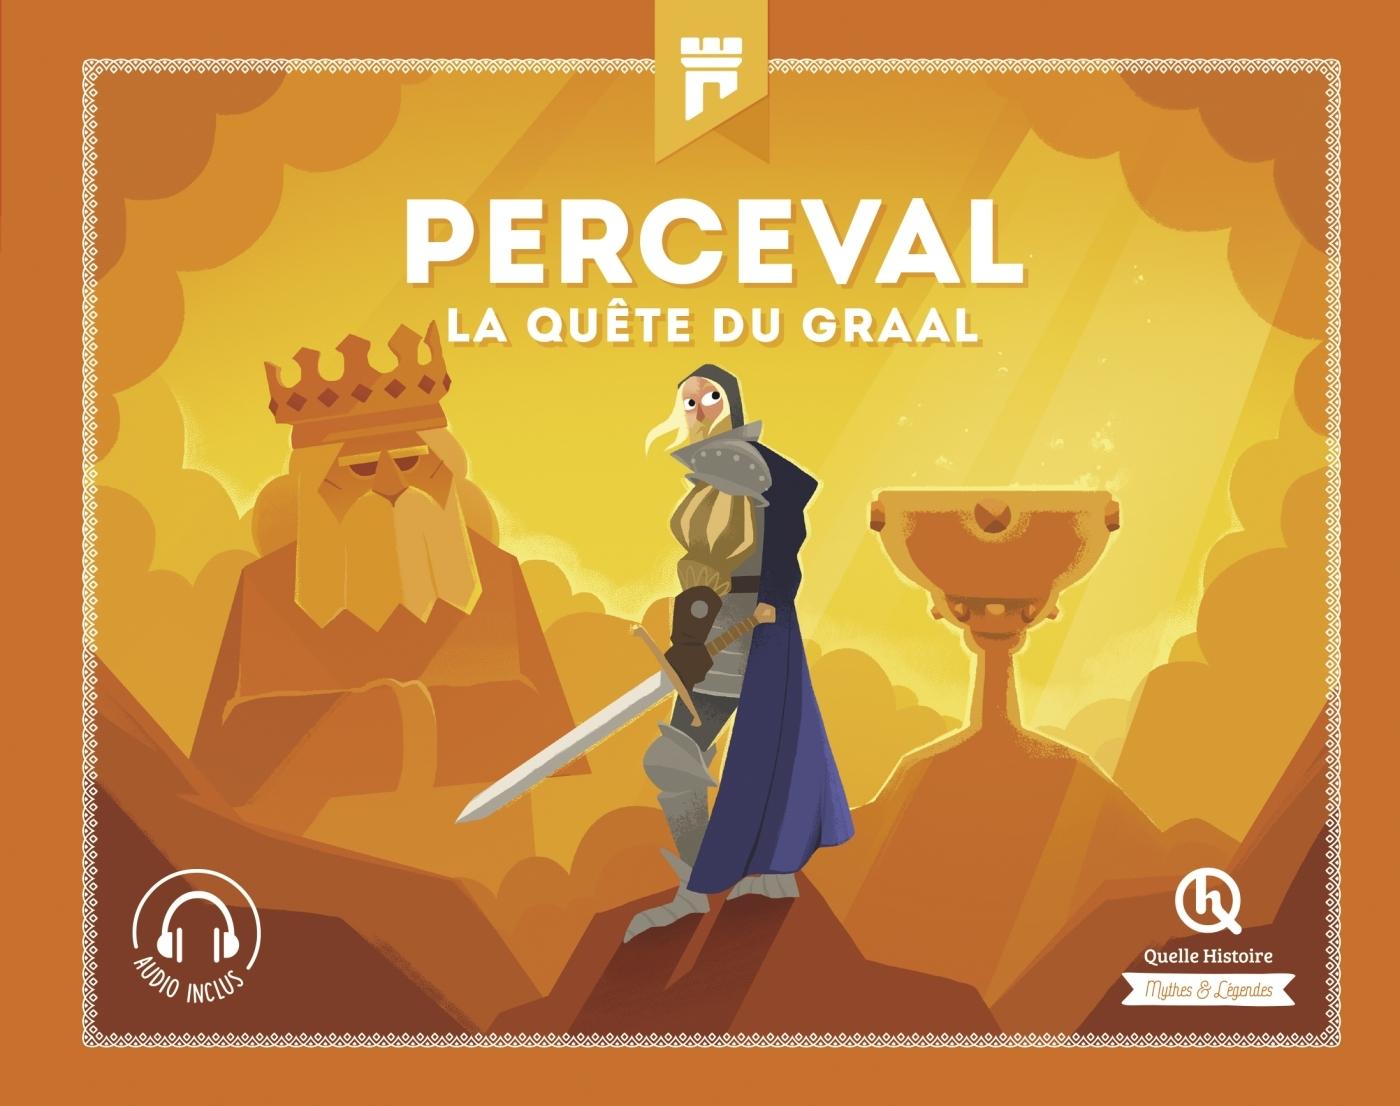 PERCEVAL - LA QUETE DU GRAAL